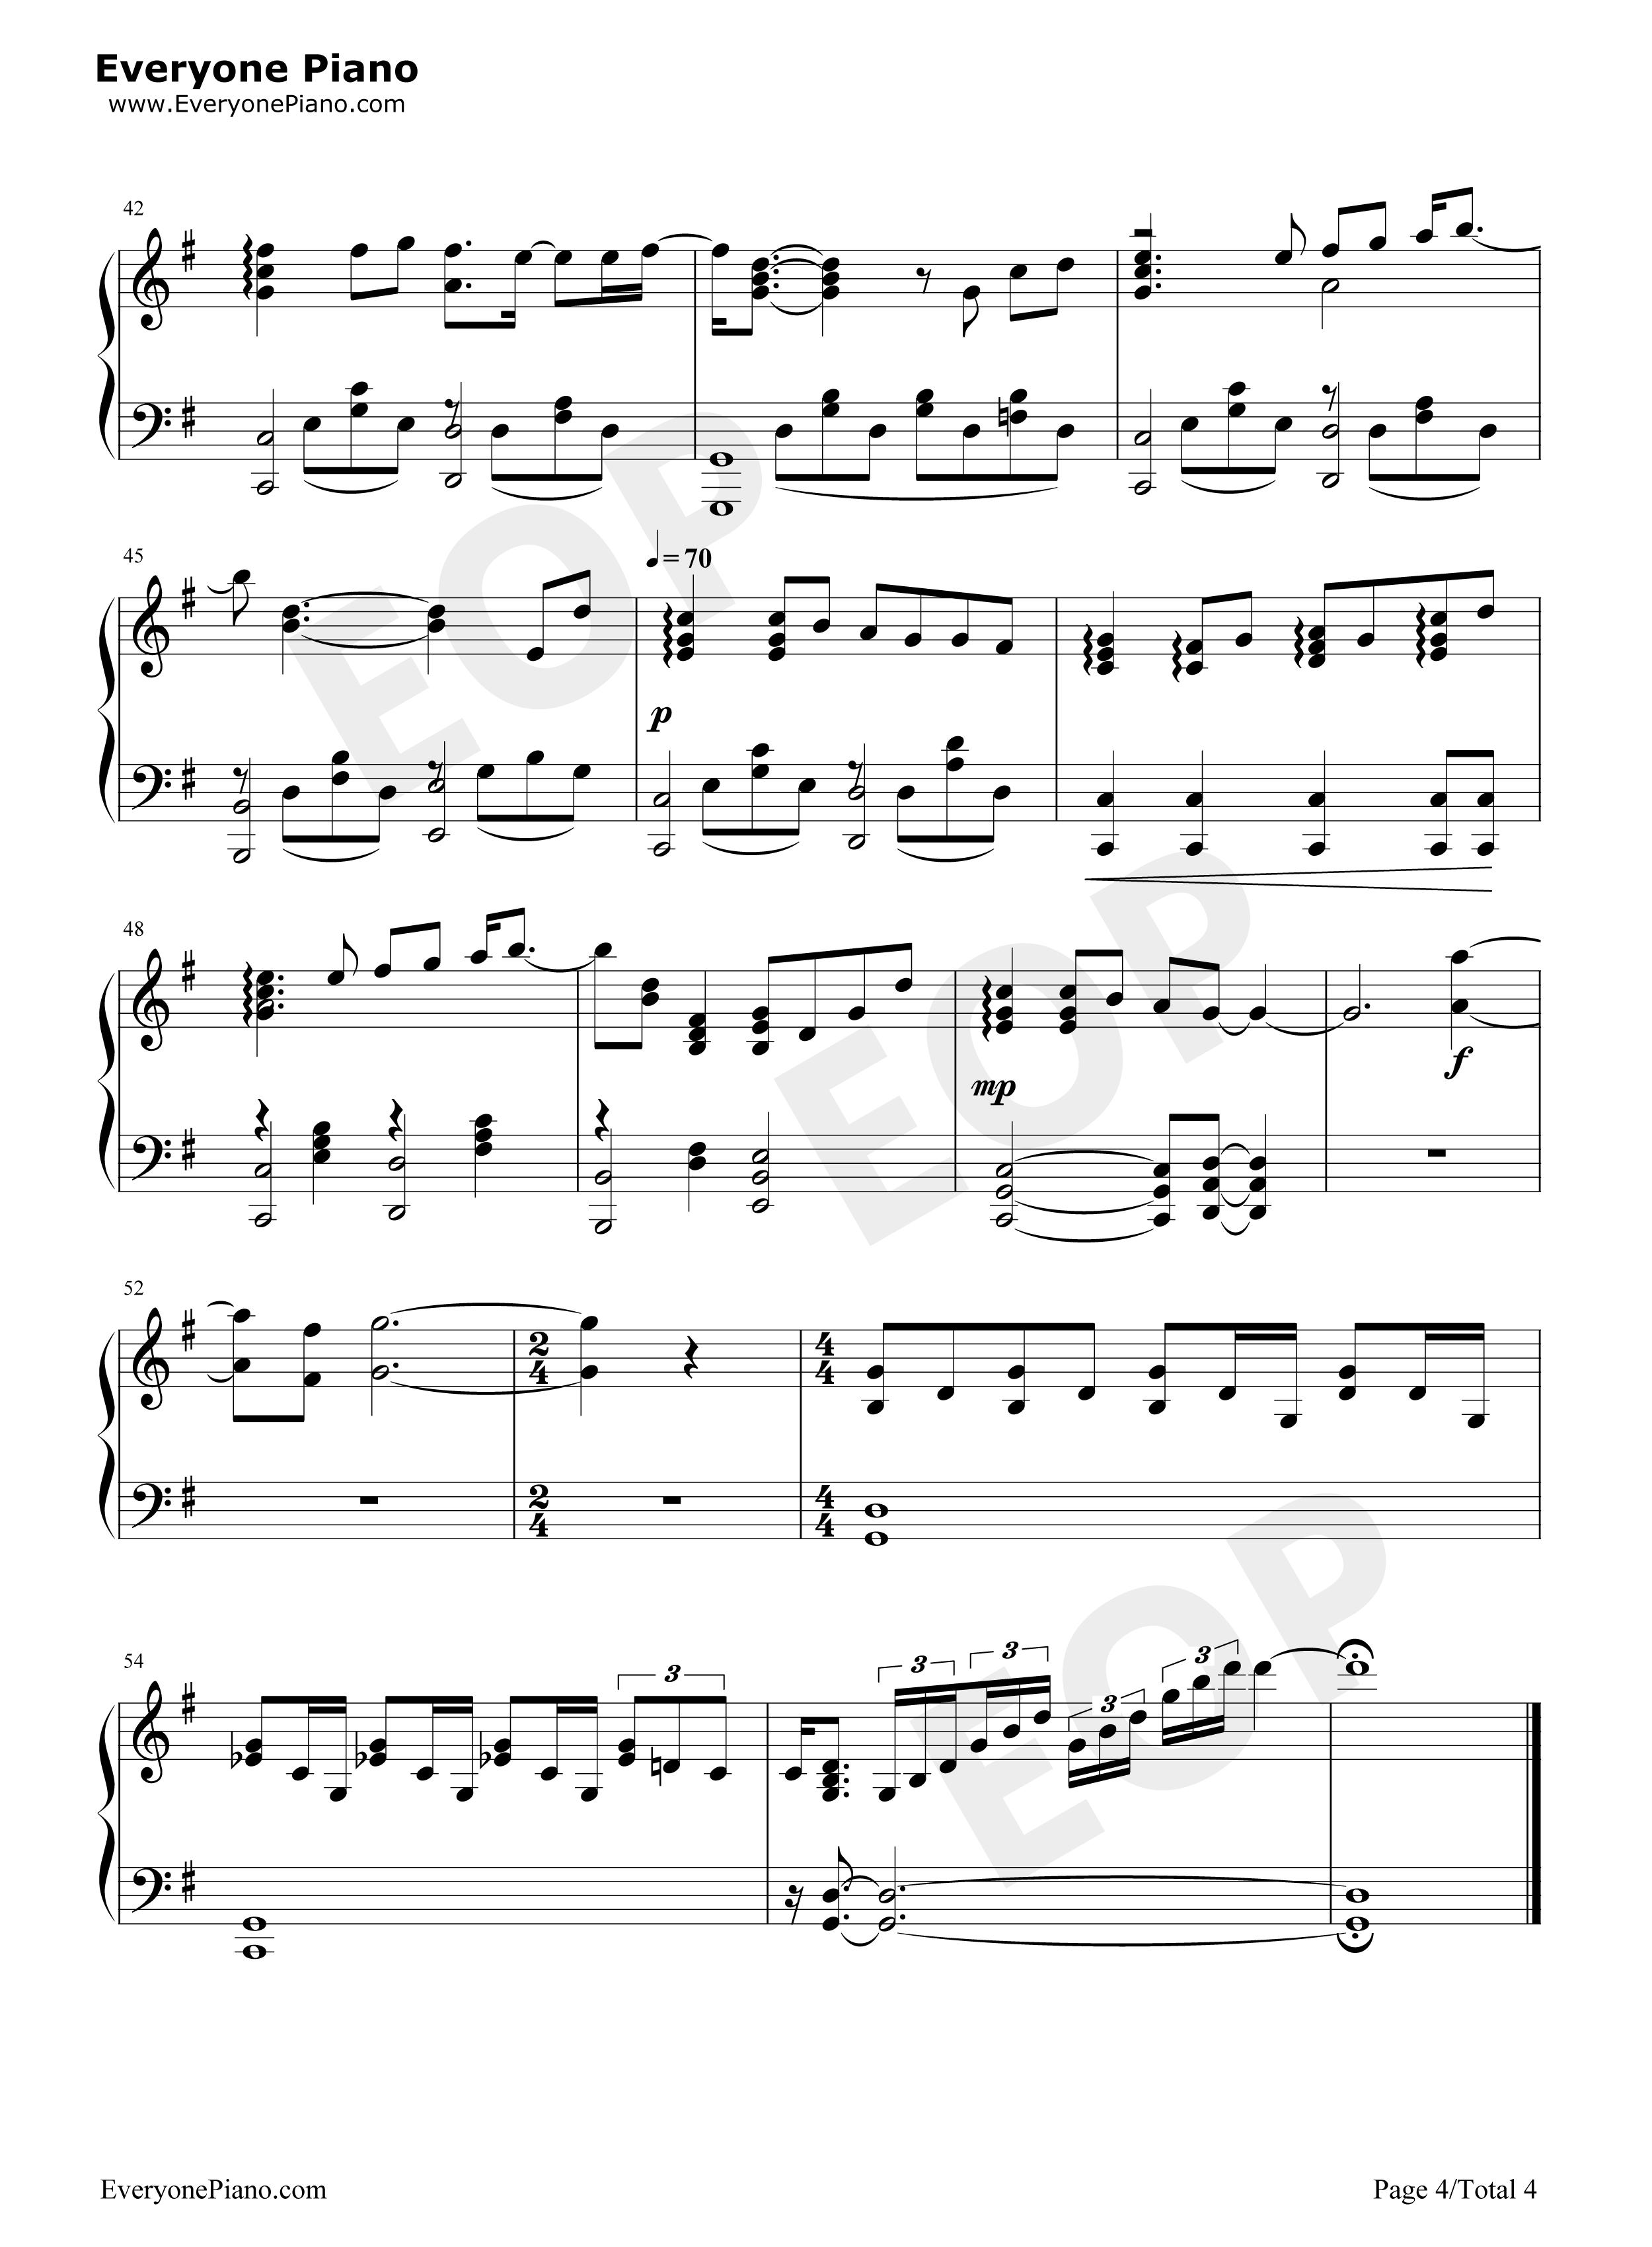 钢琴曲谱 流行 蜗牛-周杰伦 蜗牛-周杰伦五线谱预览4  }  仅供学习图片